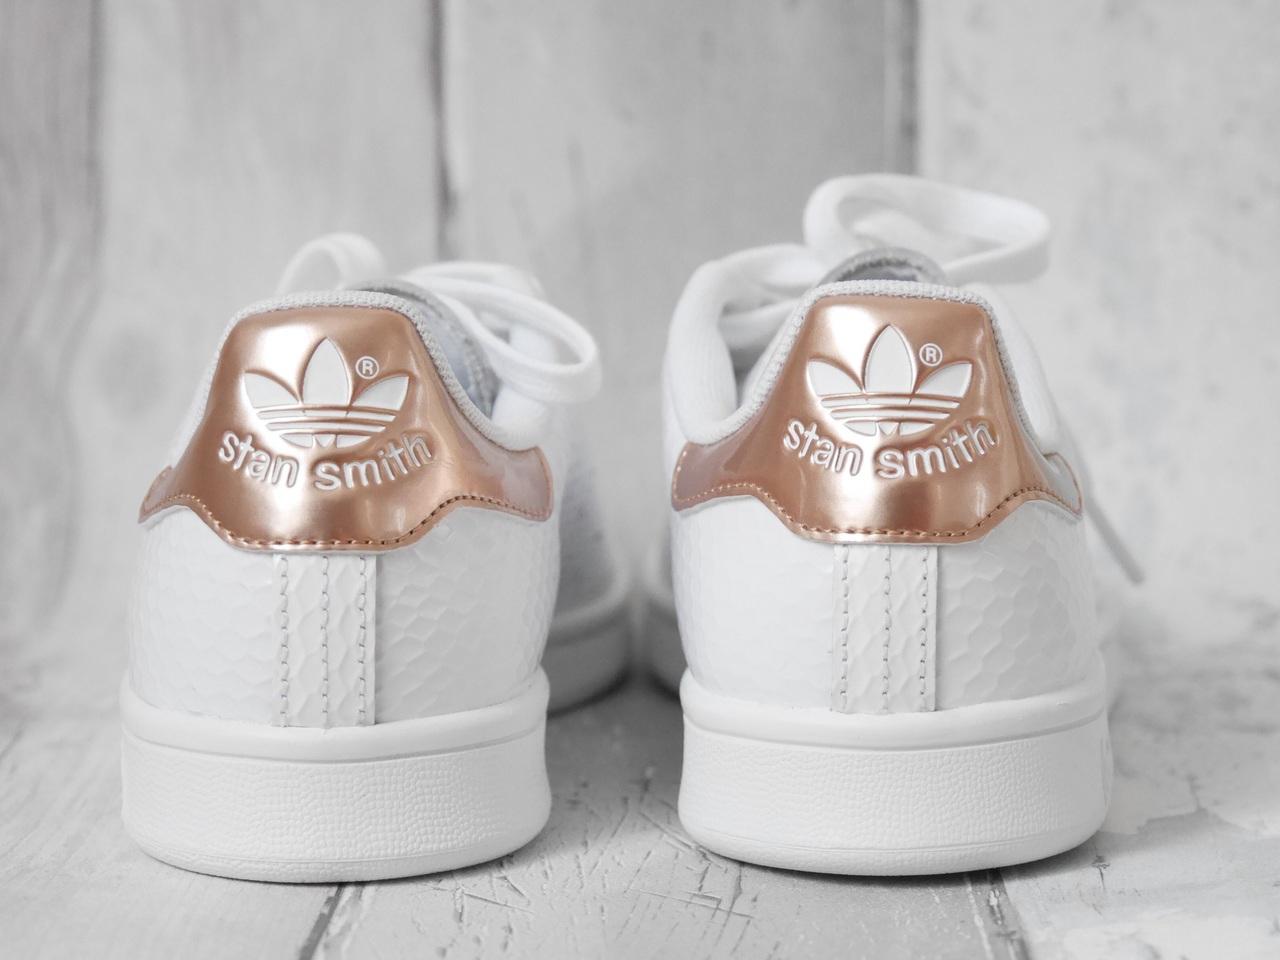 design distinctif sélectionner pour dernier choisir véritable Adidas Stan Smith rose gold / copper 💕 on We Heart It